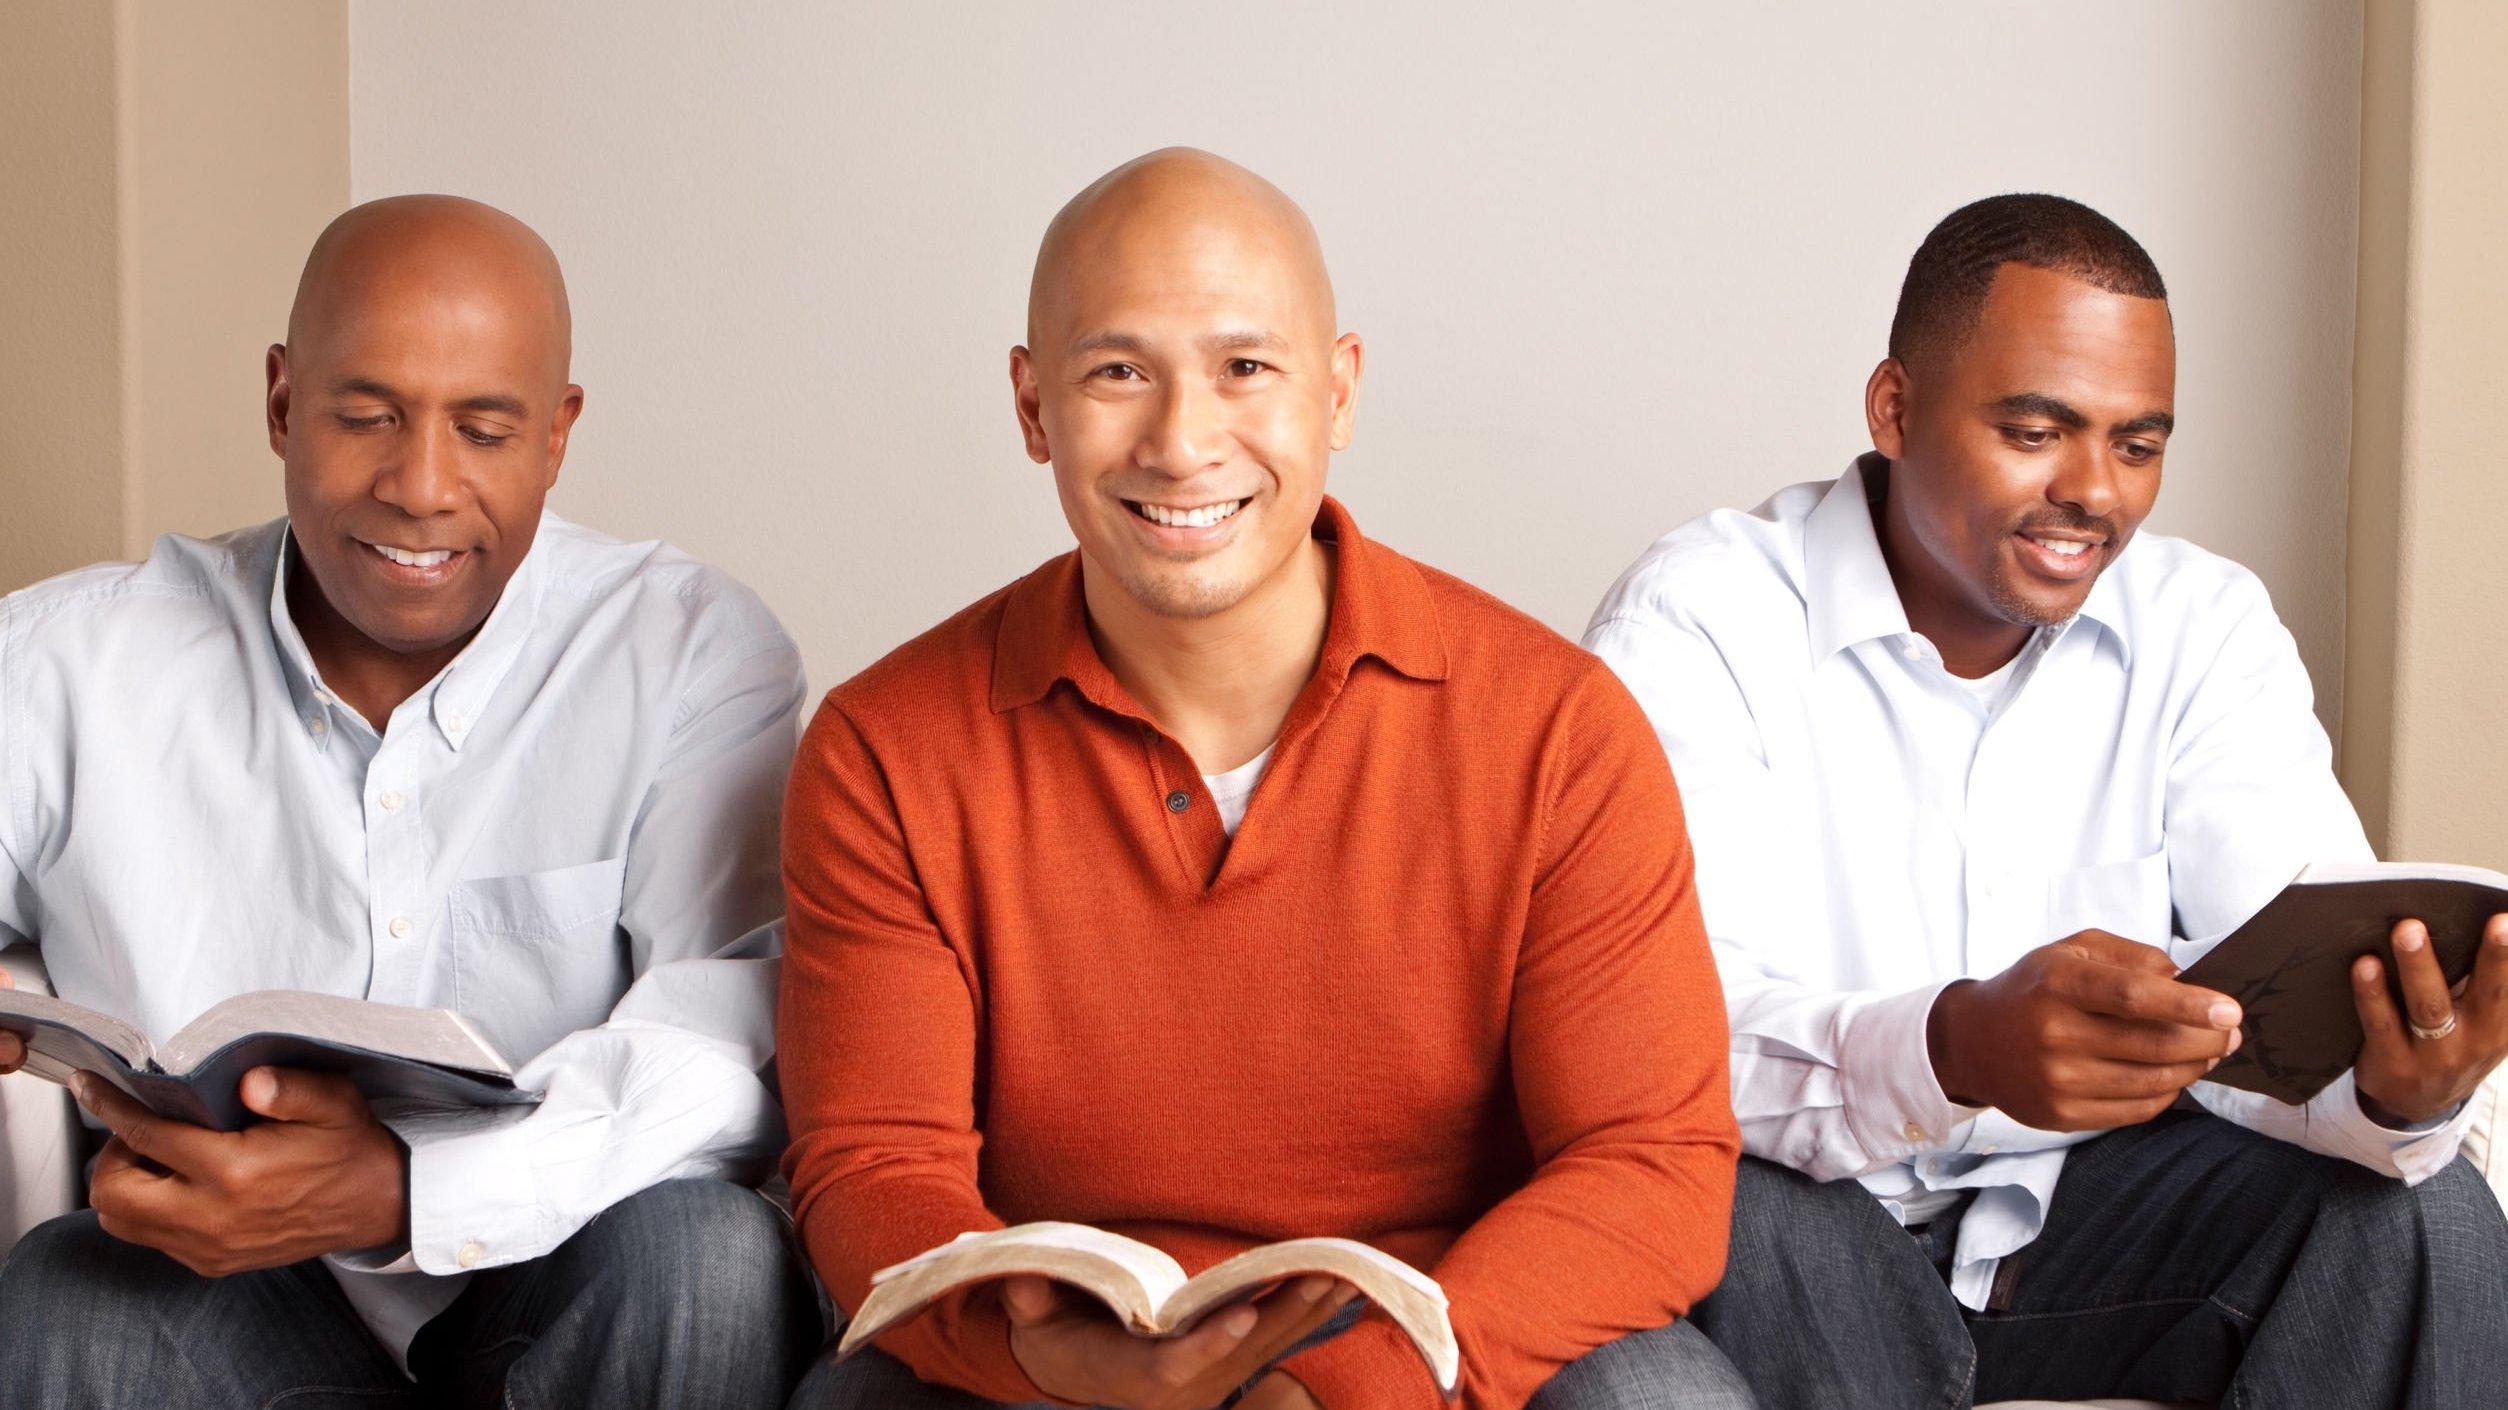 Pastores sentados em sofá sorrindo